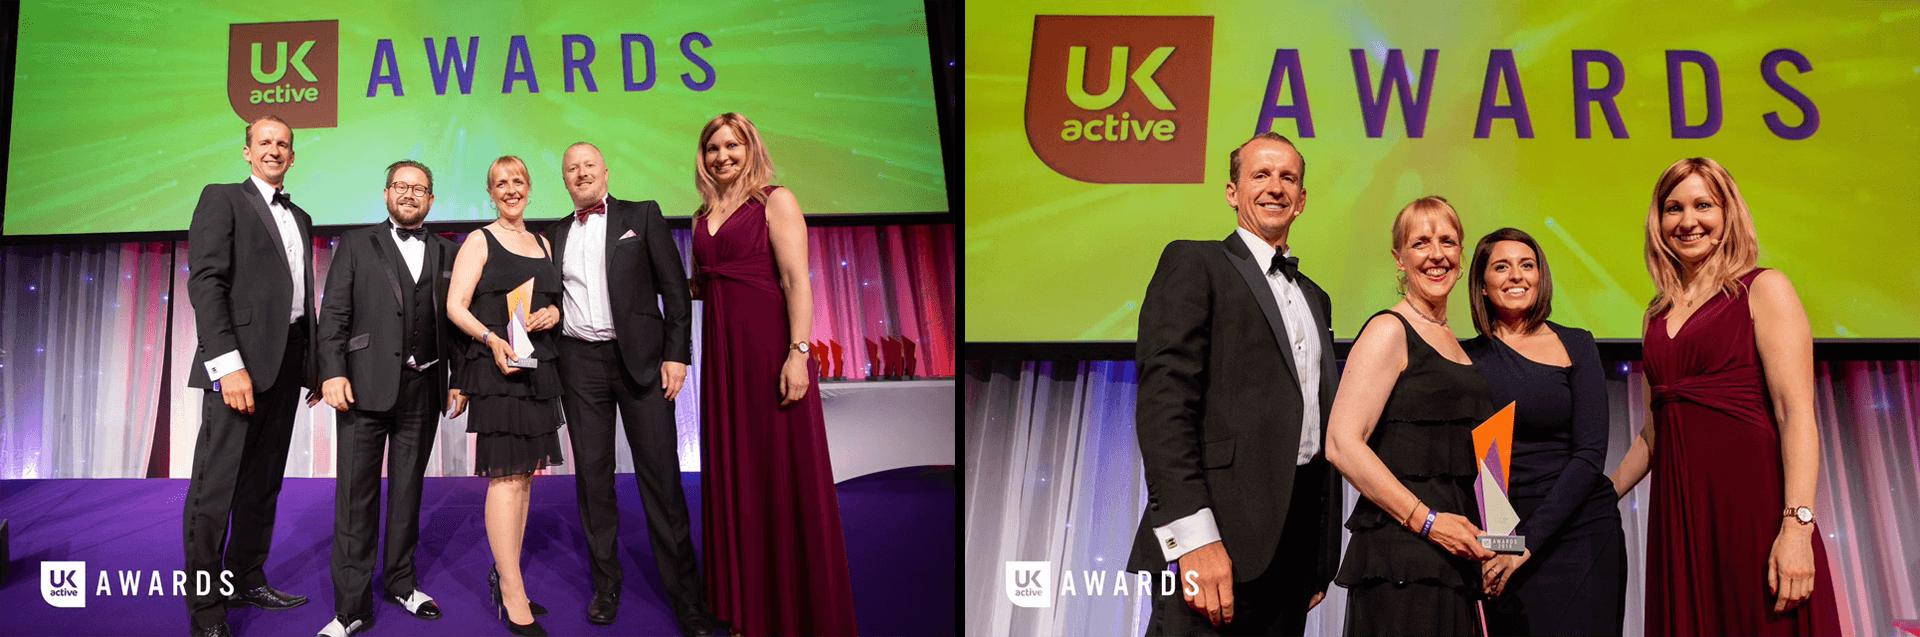 UK Active Awards